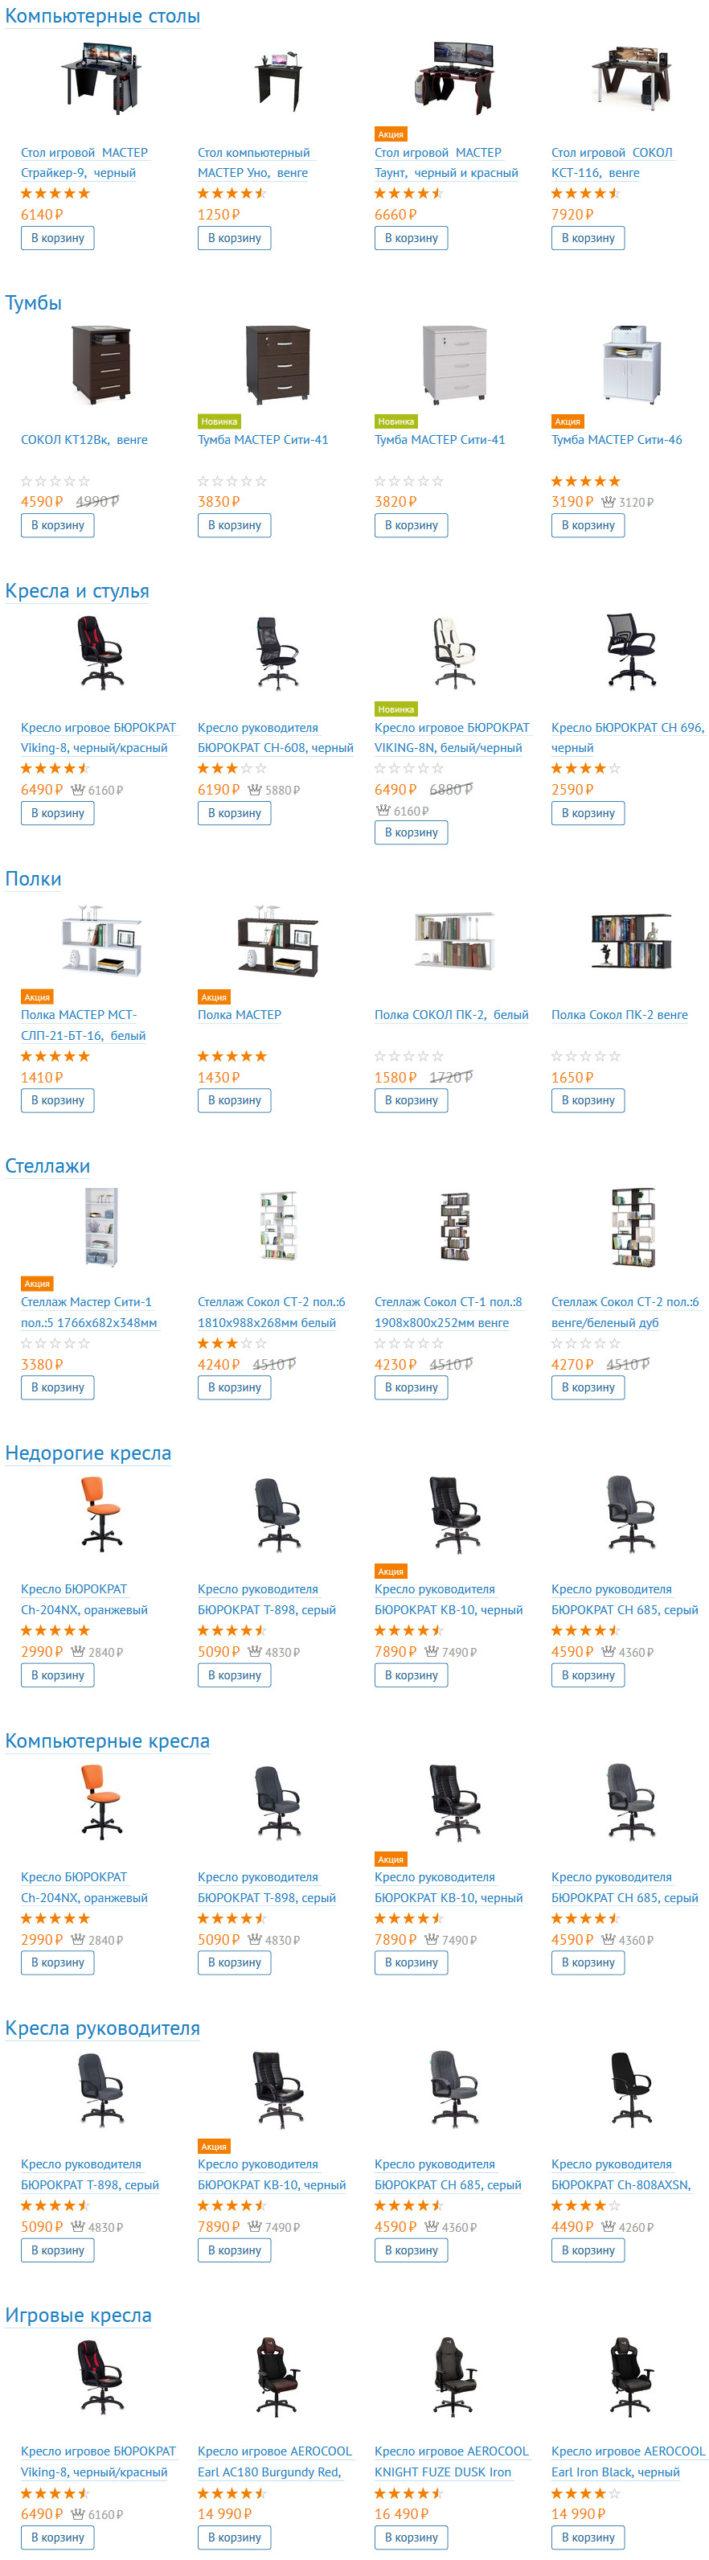 Мебель в Ситилинк 3